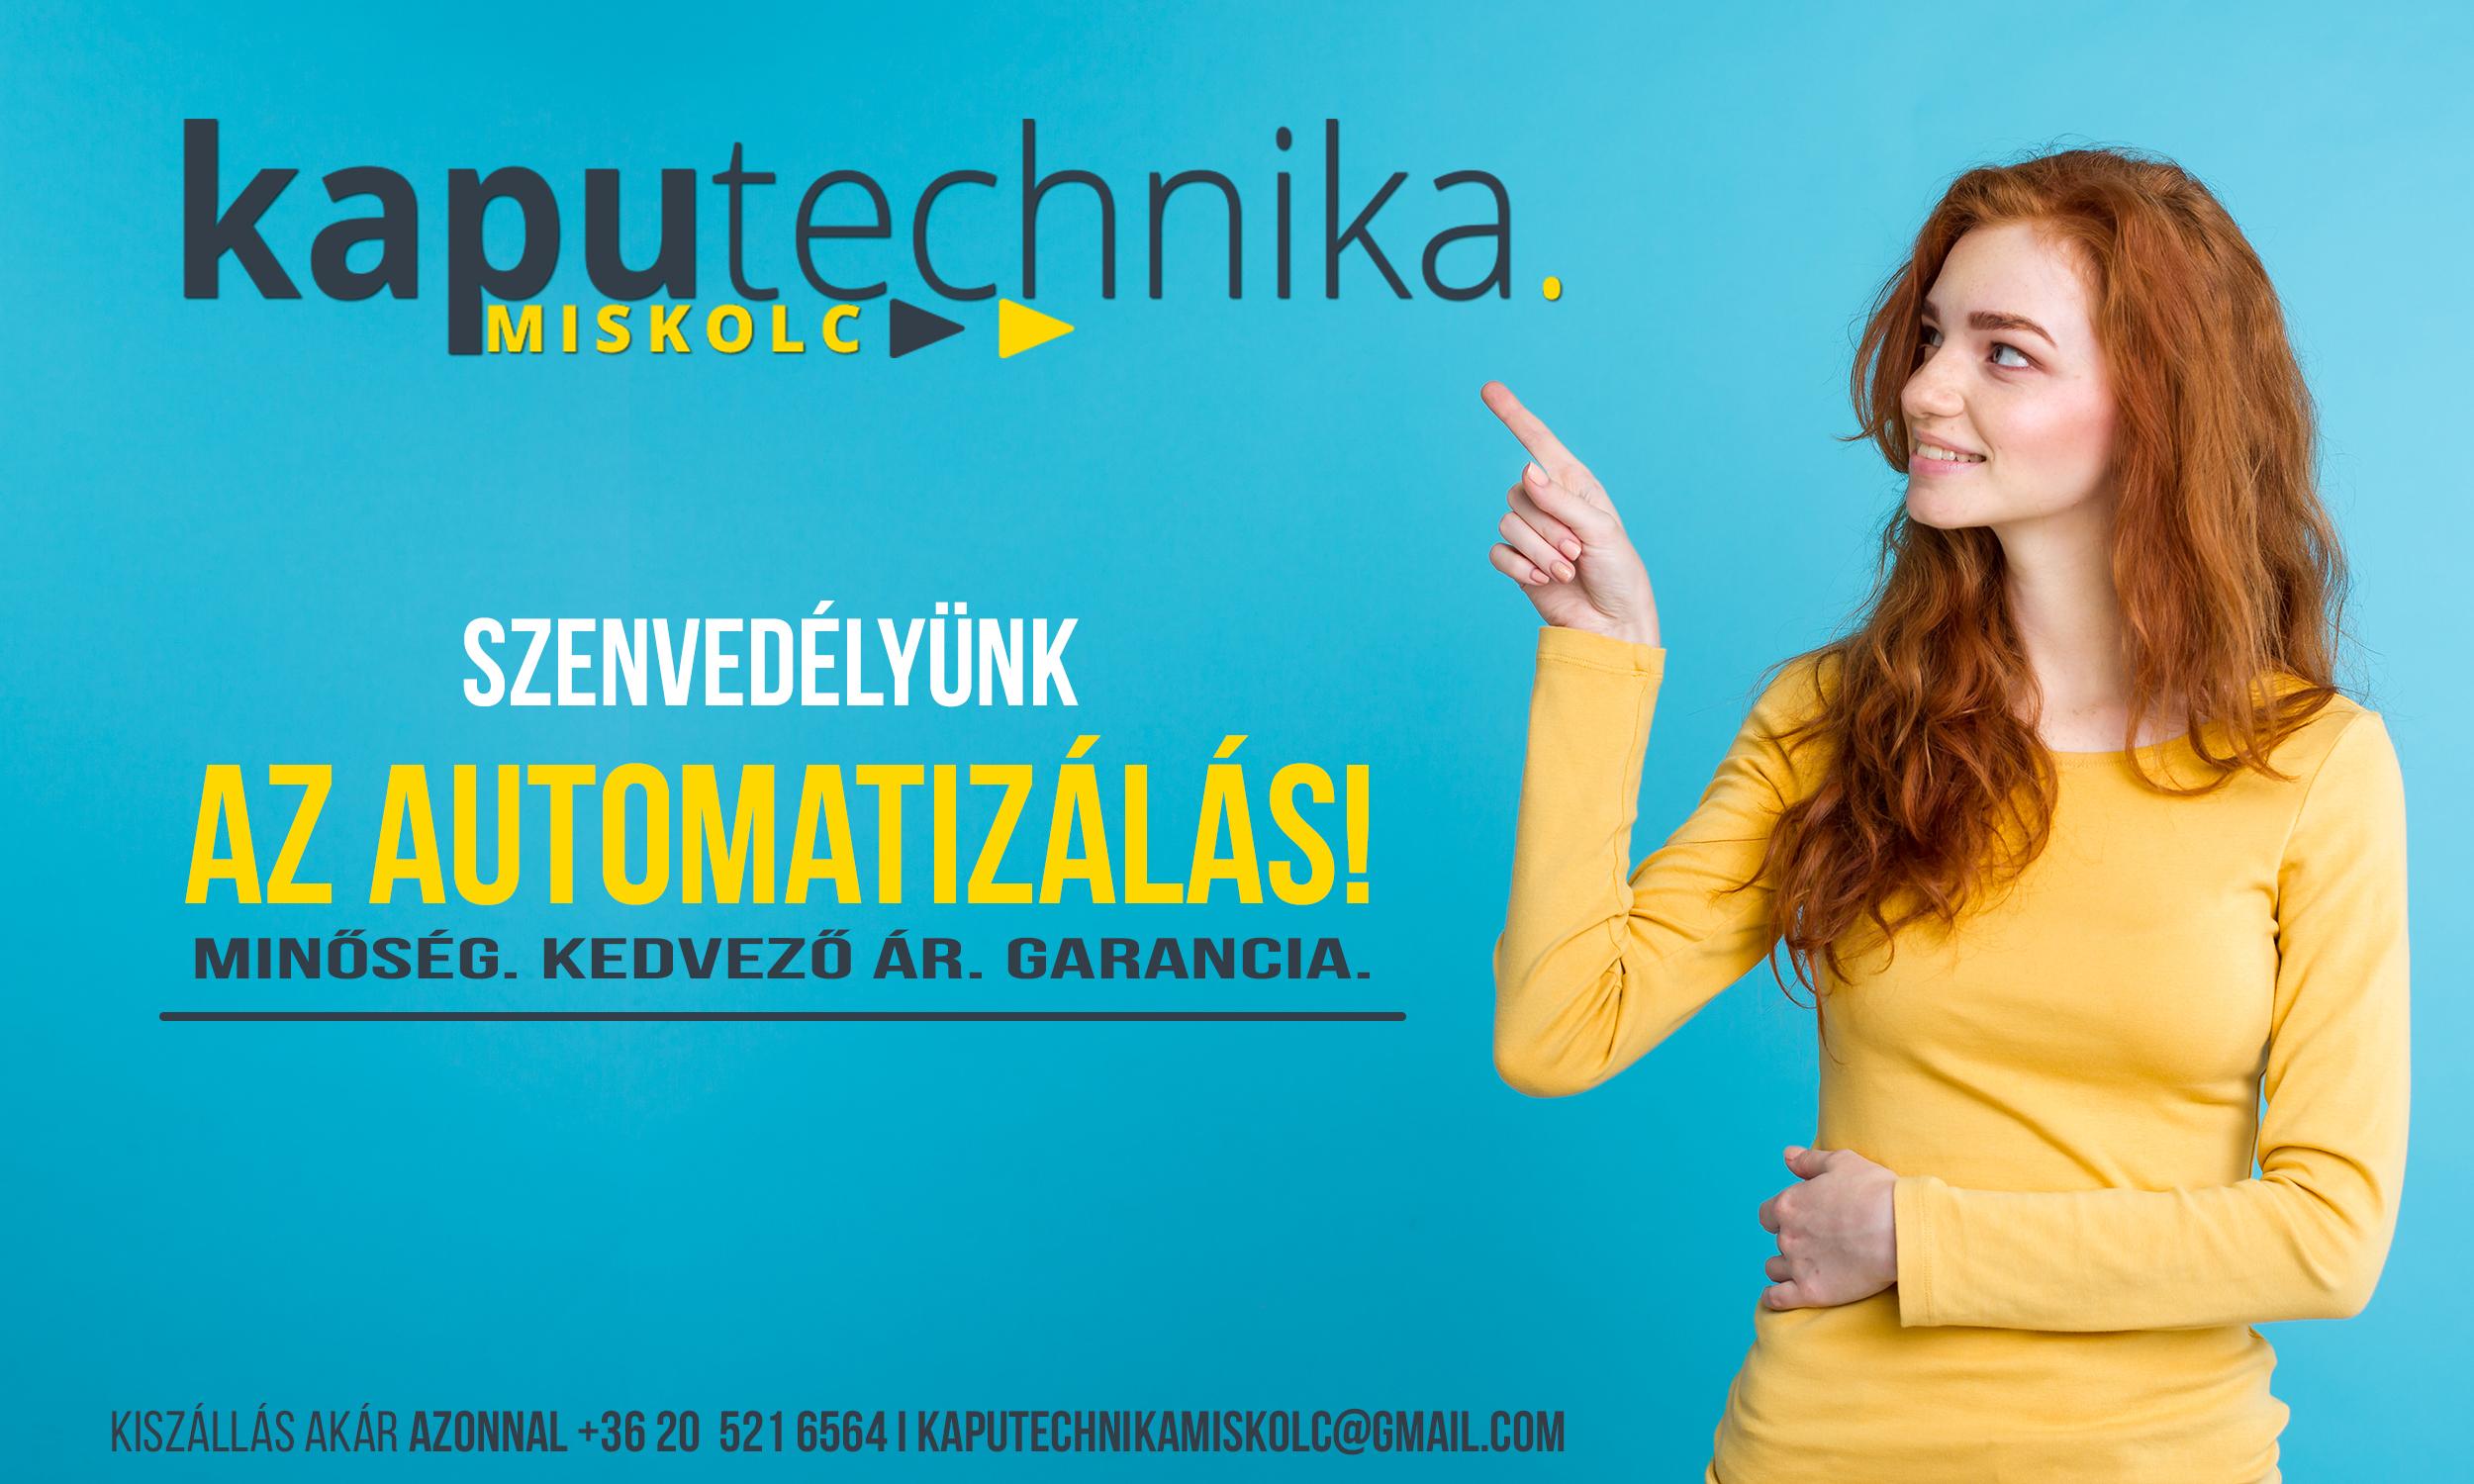 Kaputechnika Miskolc bolt hirdetés